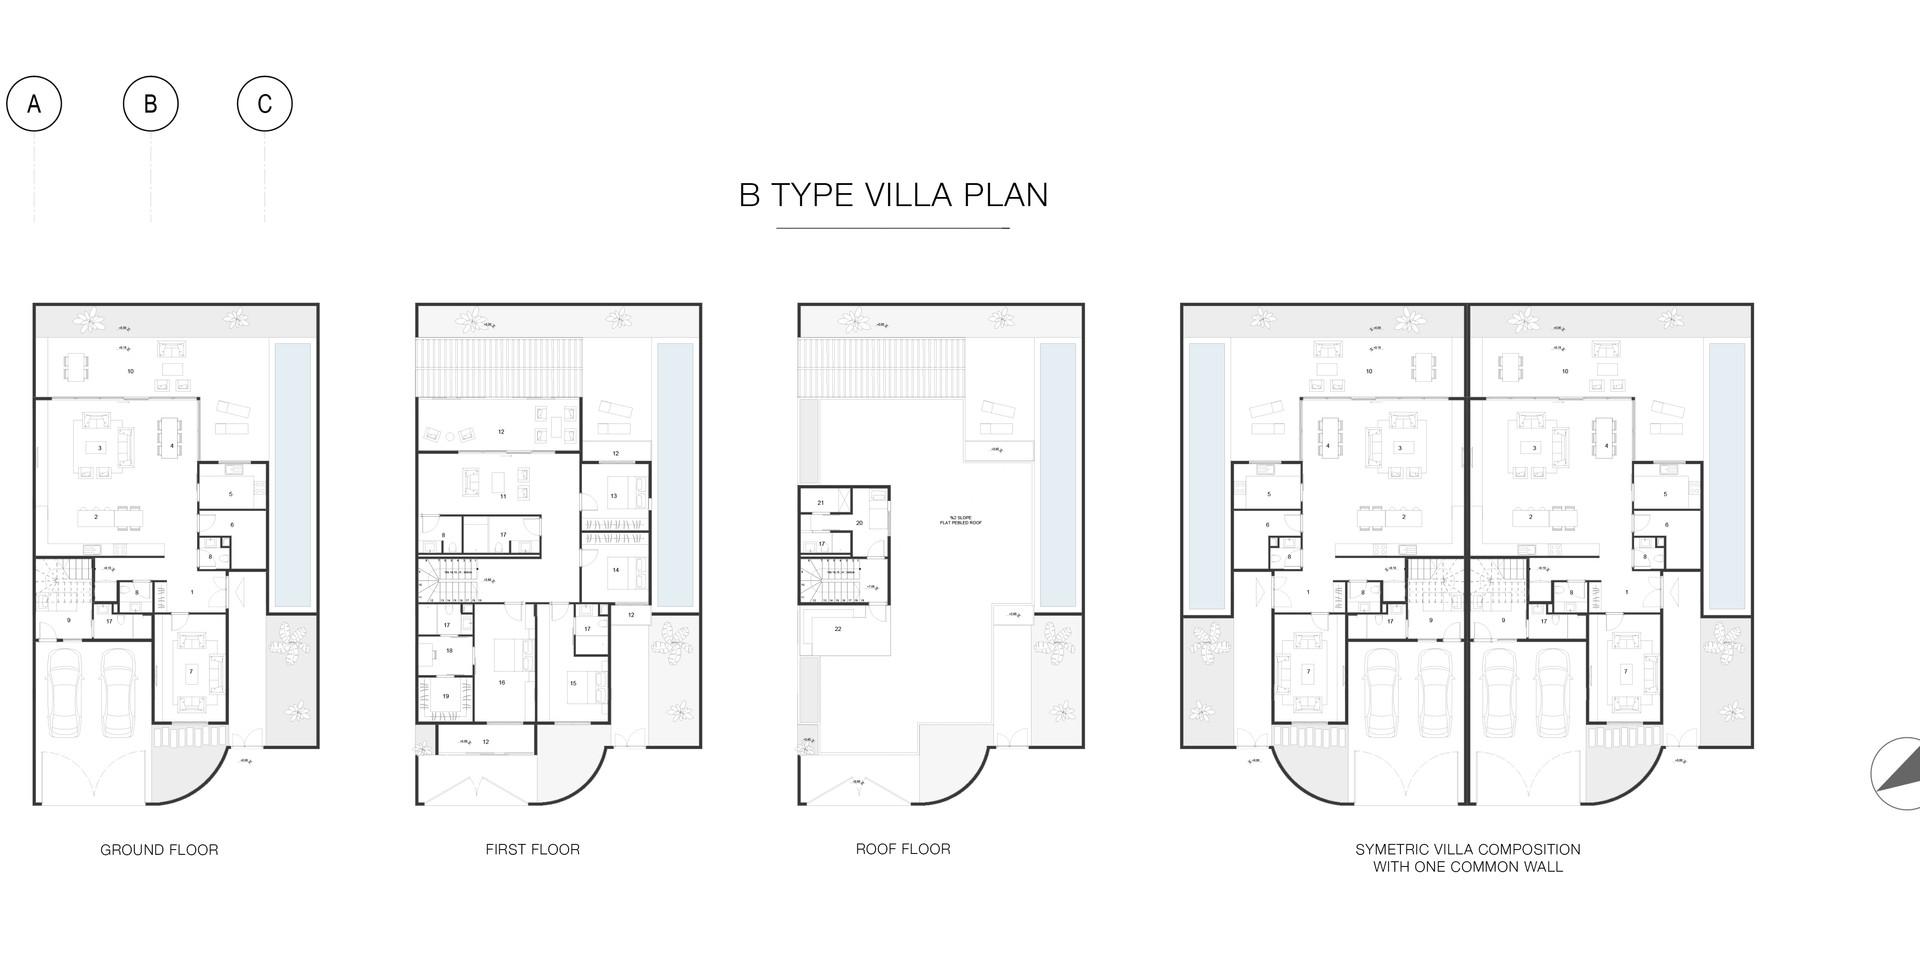 _B_ type sibling villa plan